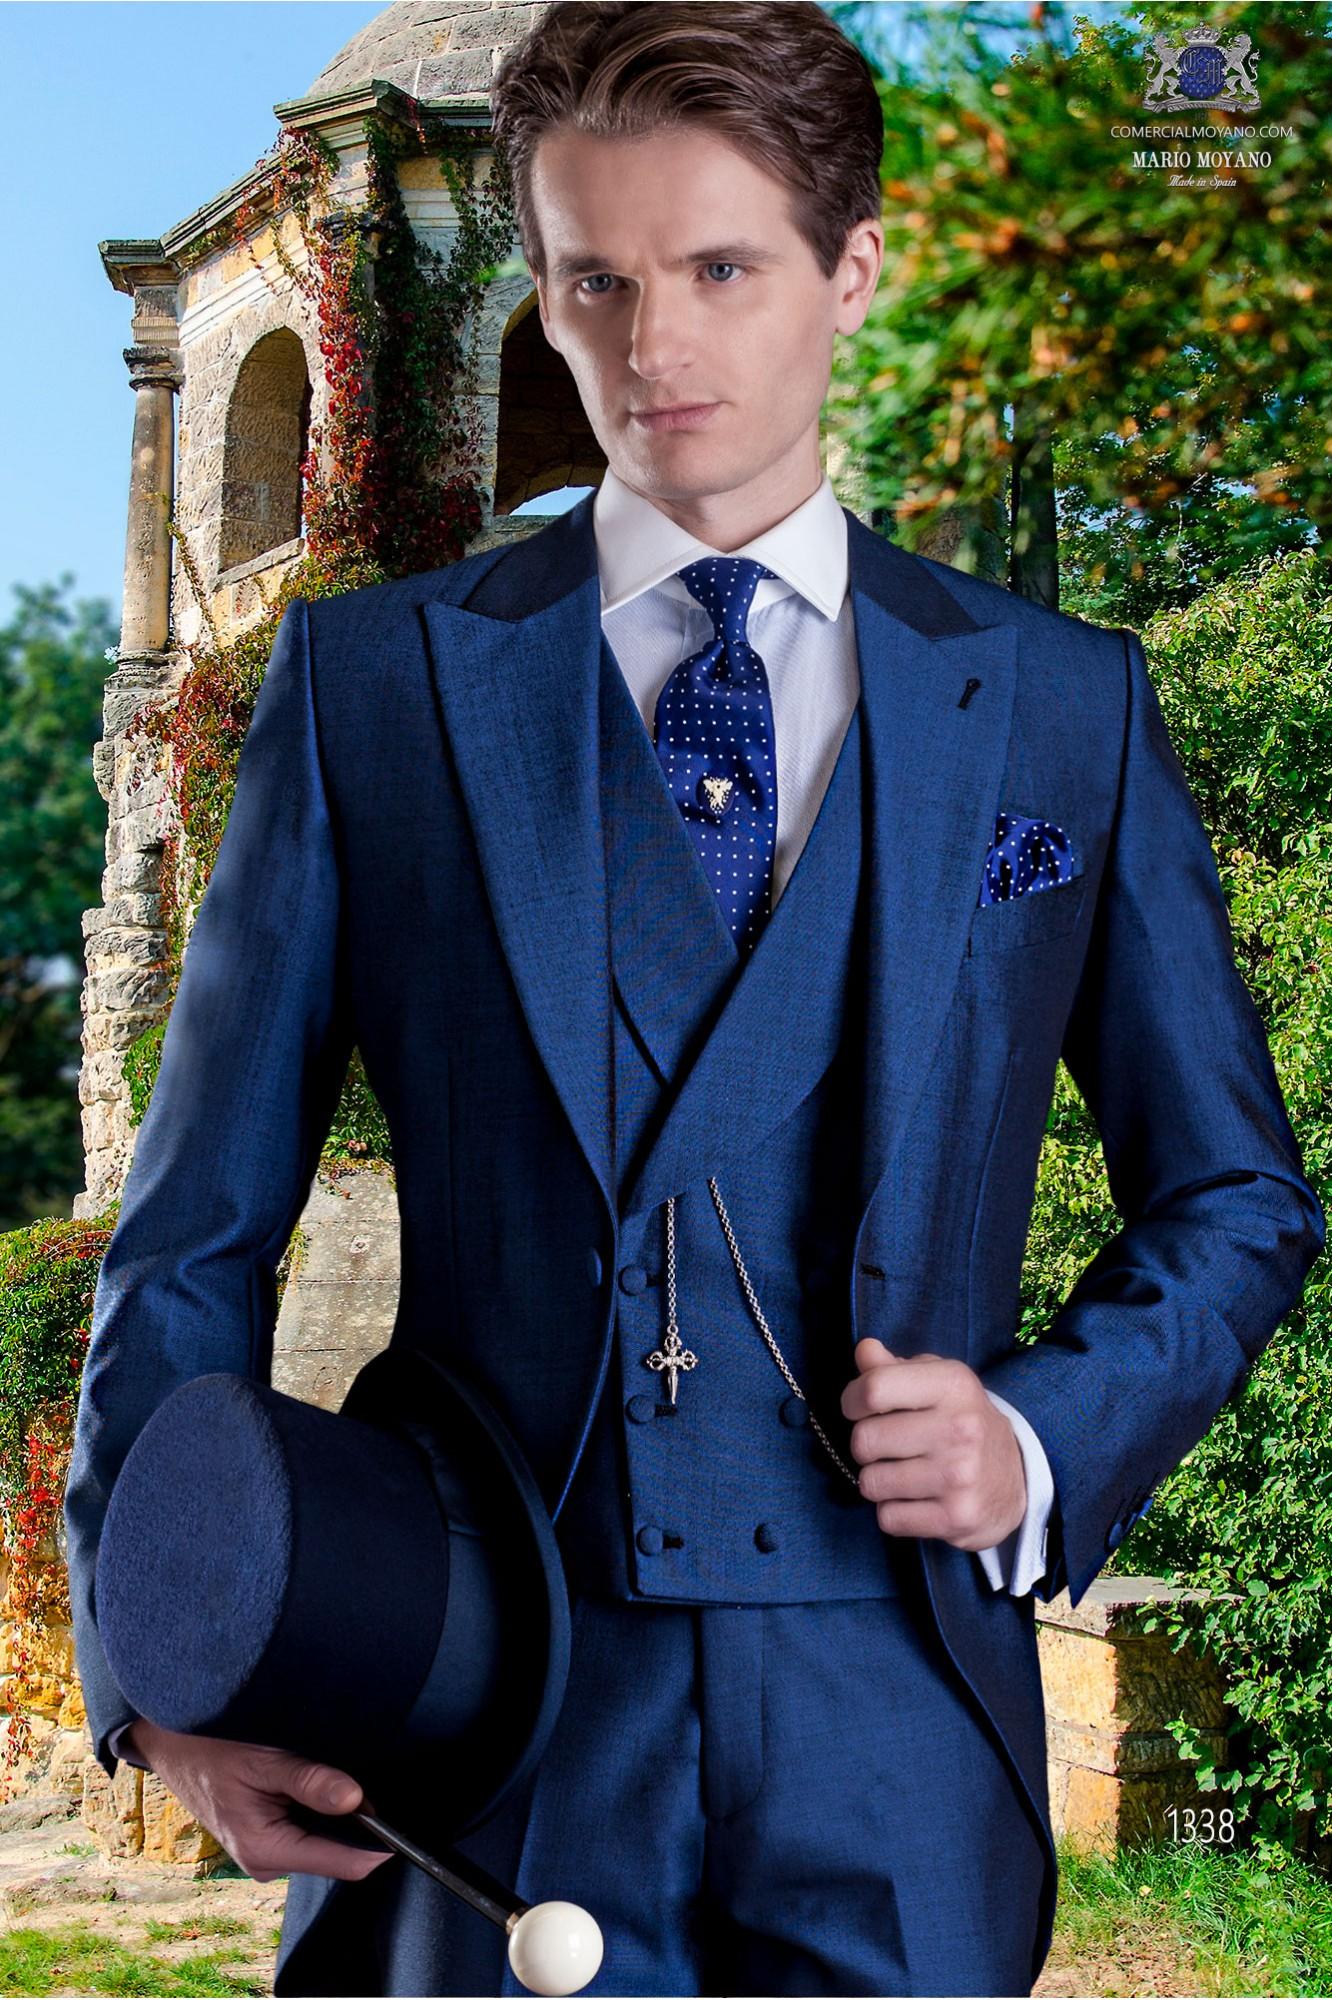 f743293eda2aa Chaqué azul de novio estilo entallado.  http   www.comercialmoyano.com es 1845-chaque-. MODELO 1338 OTTAVIO NUCCIO  GALA